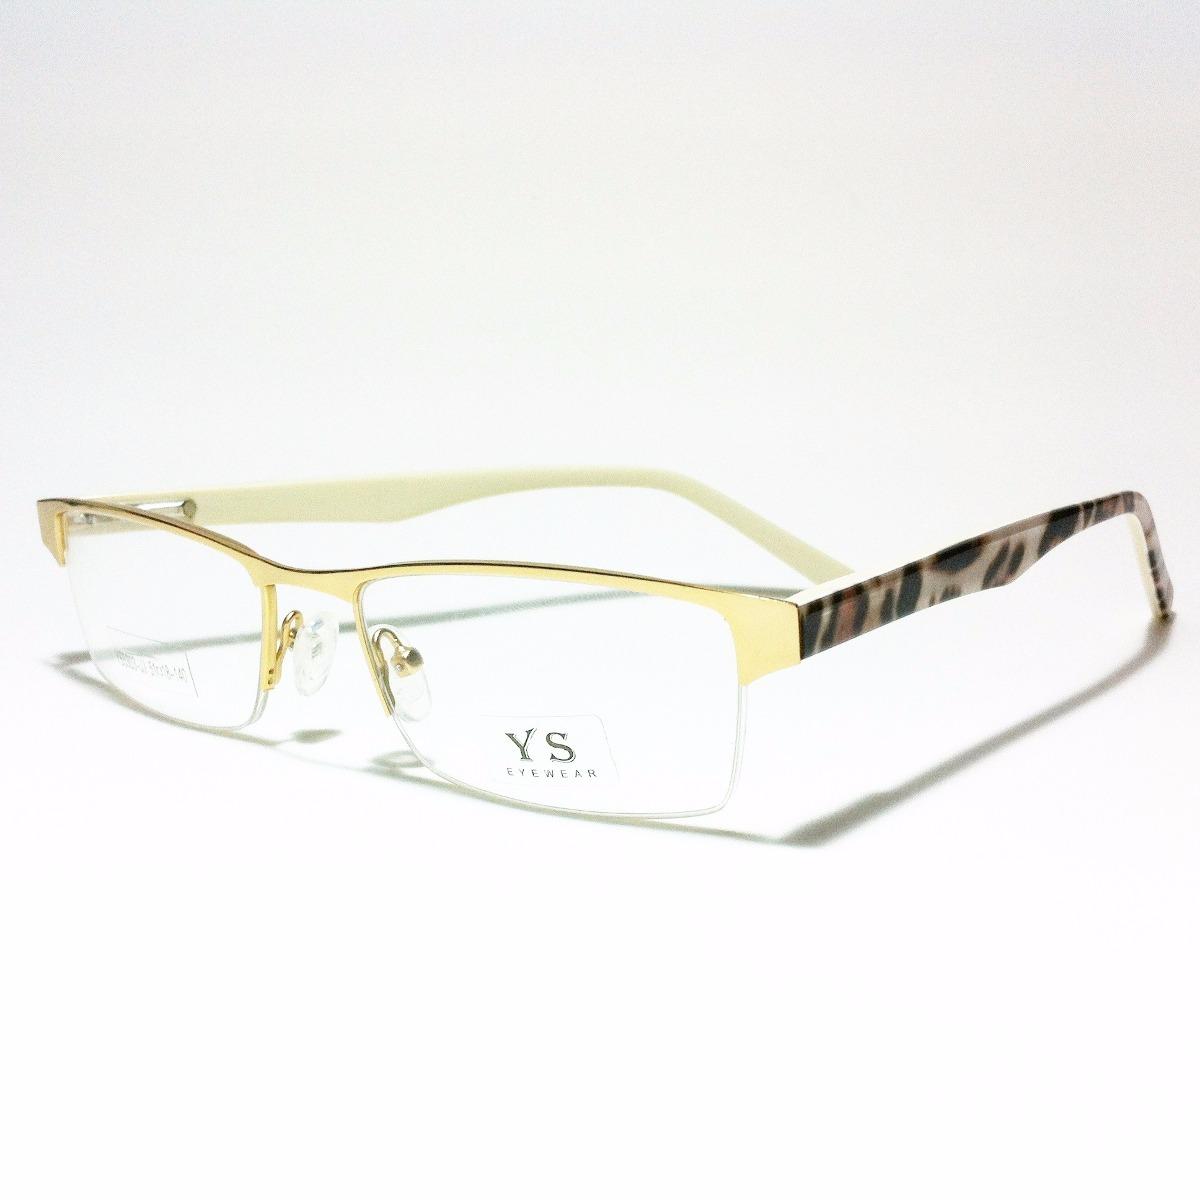 9fa75b80d5d67 Armação Dourada Mesclada Meio Aro Óculos Lentes Grau Ys5303 - R  28 ...